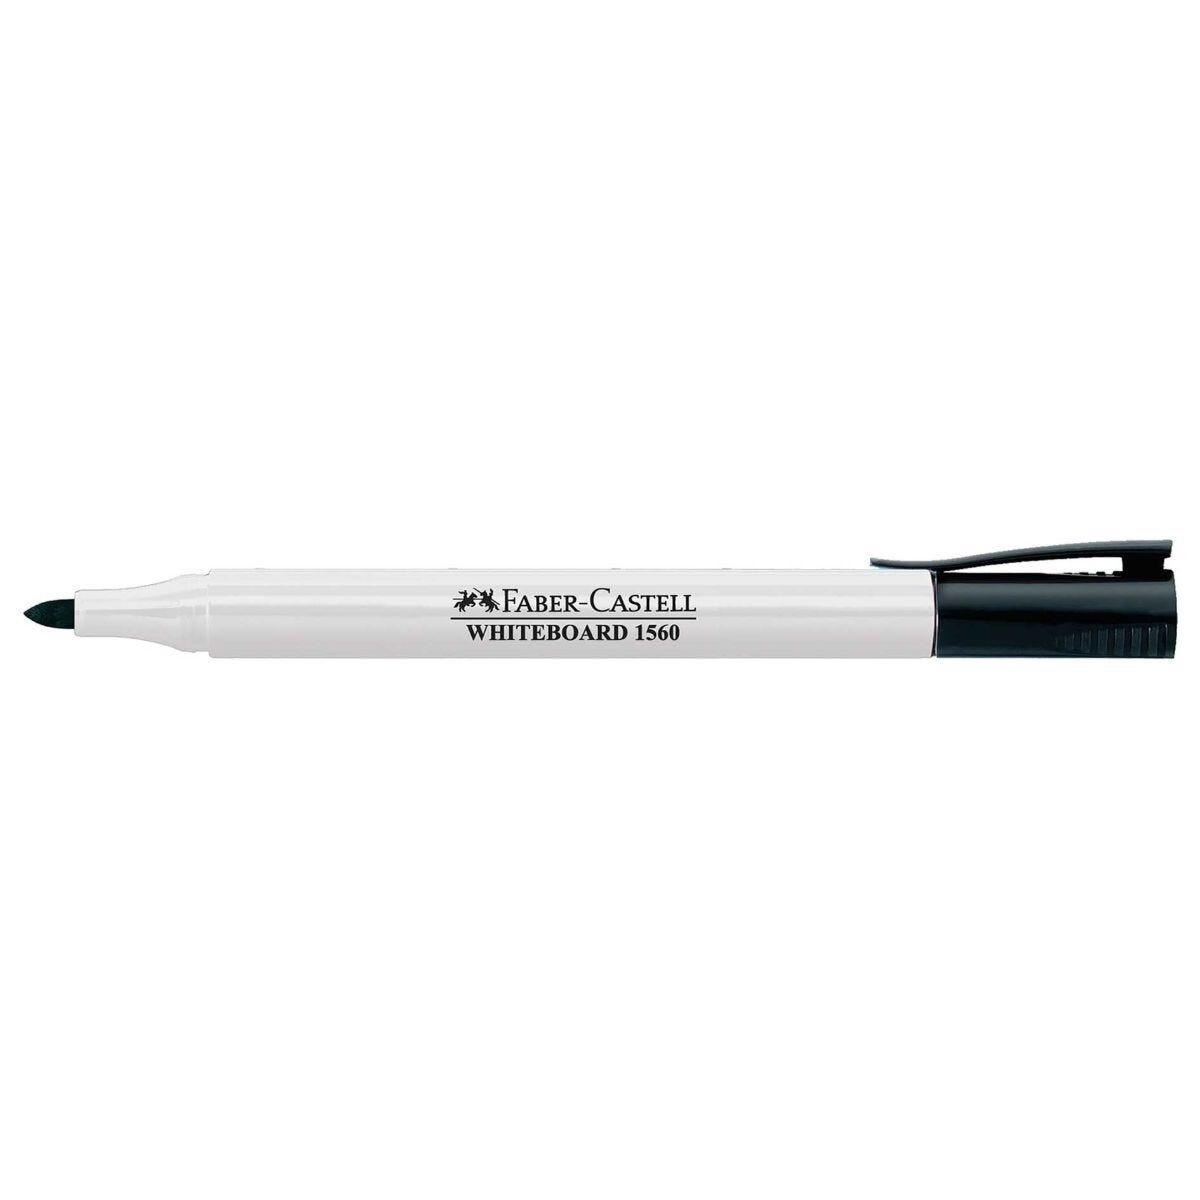 Faber-Castell Whiteboard Pen Slim Black